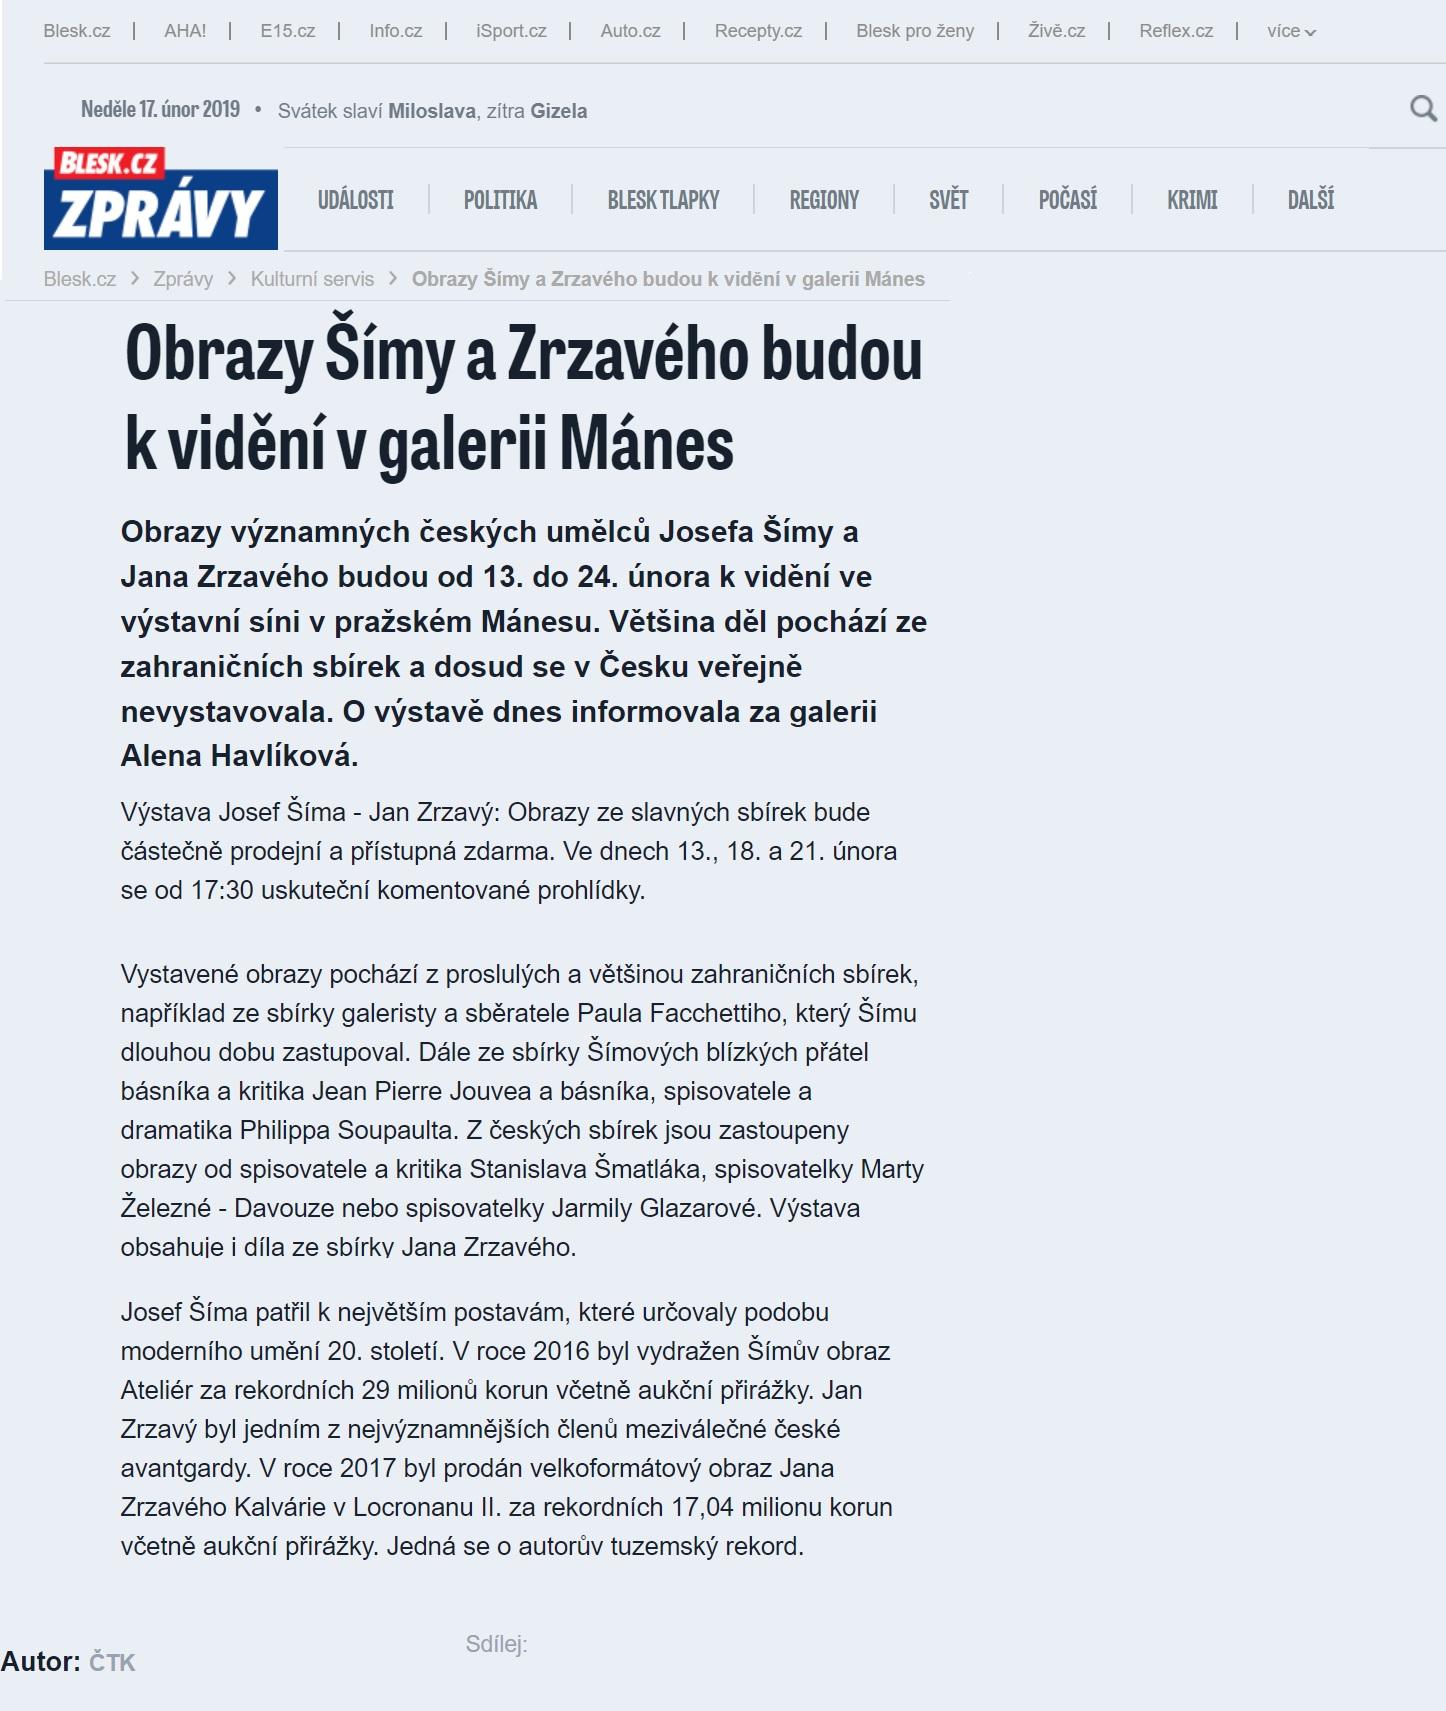 Blesk.cz, 17.2.2019